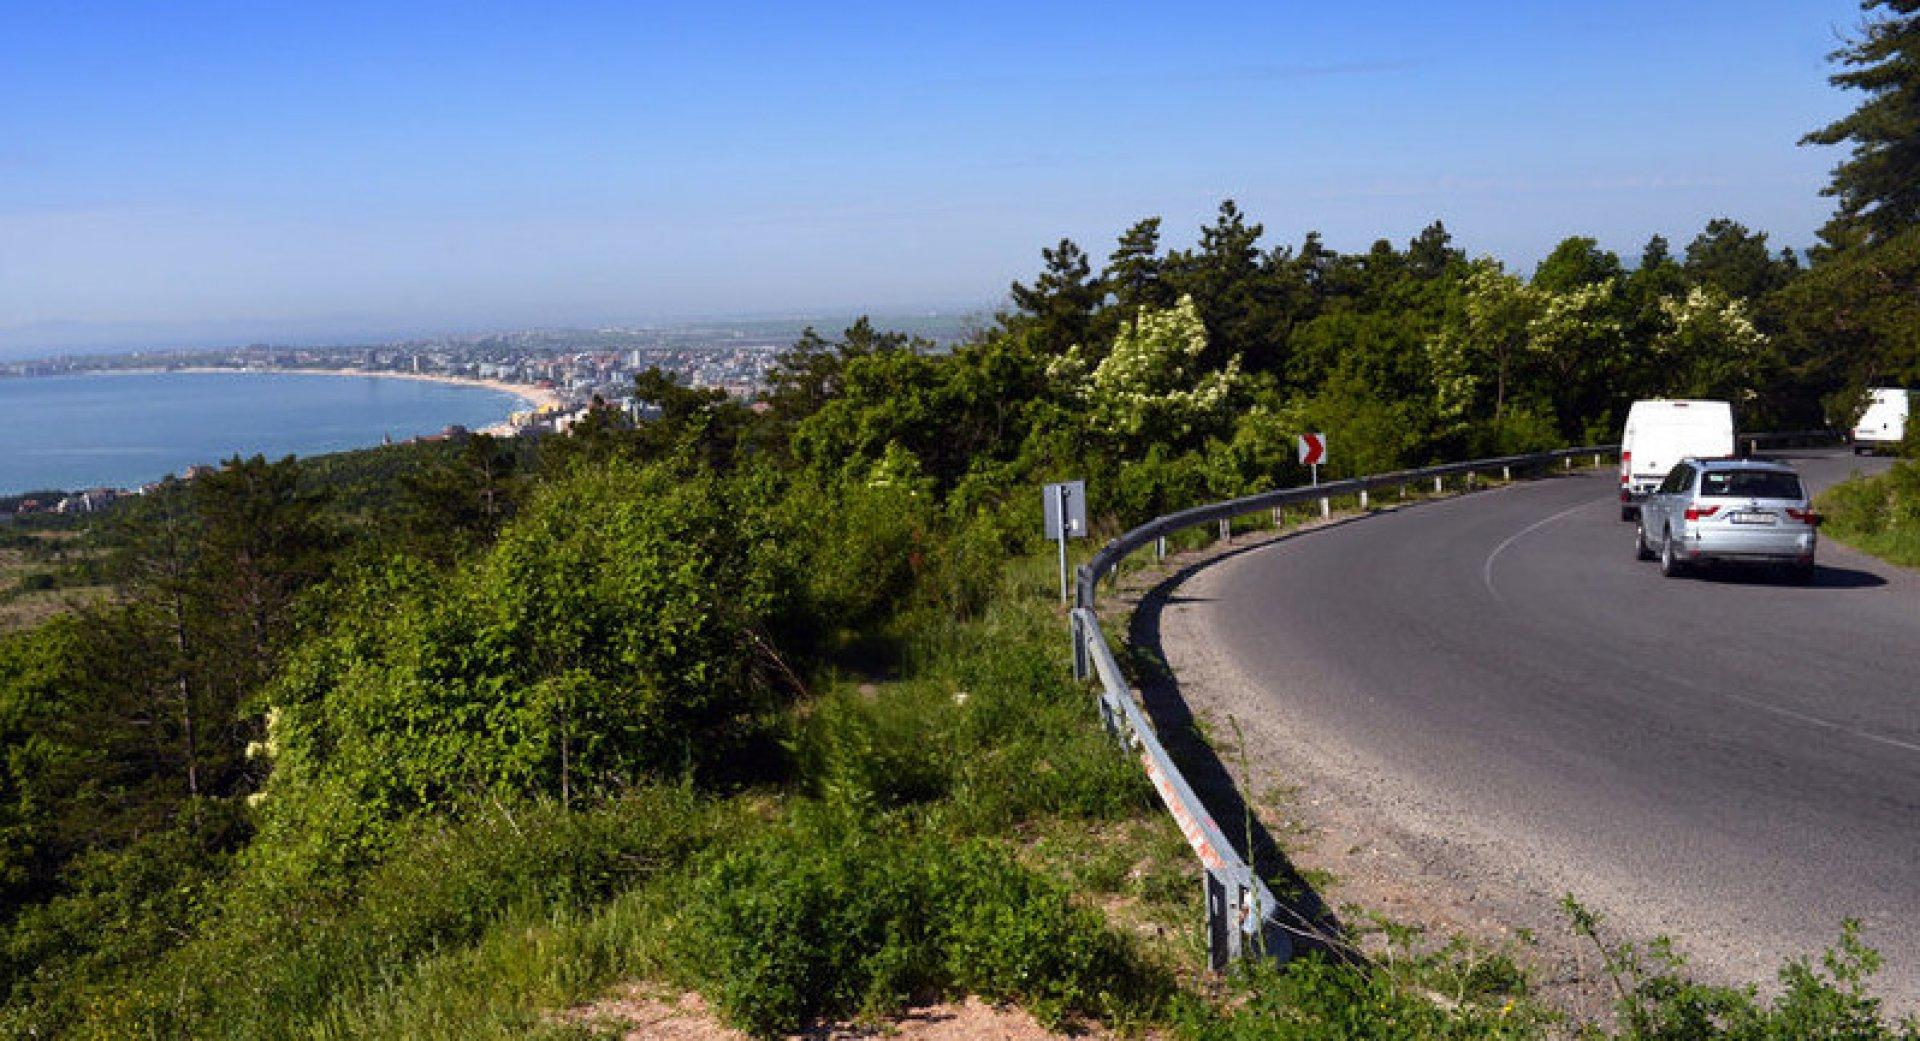 Инцидентът е станал на 185 километър на пътя Бургас - Варна. Снимката е илюстративна